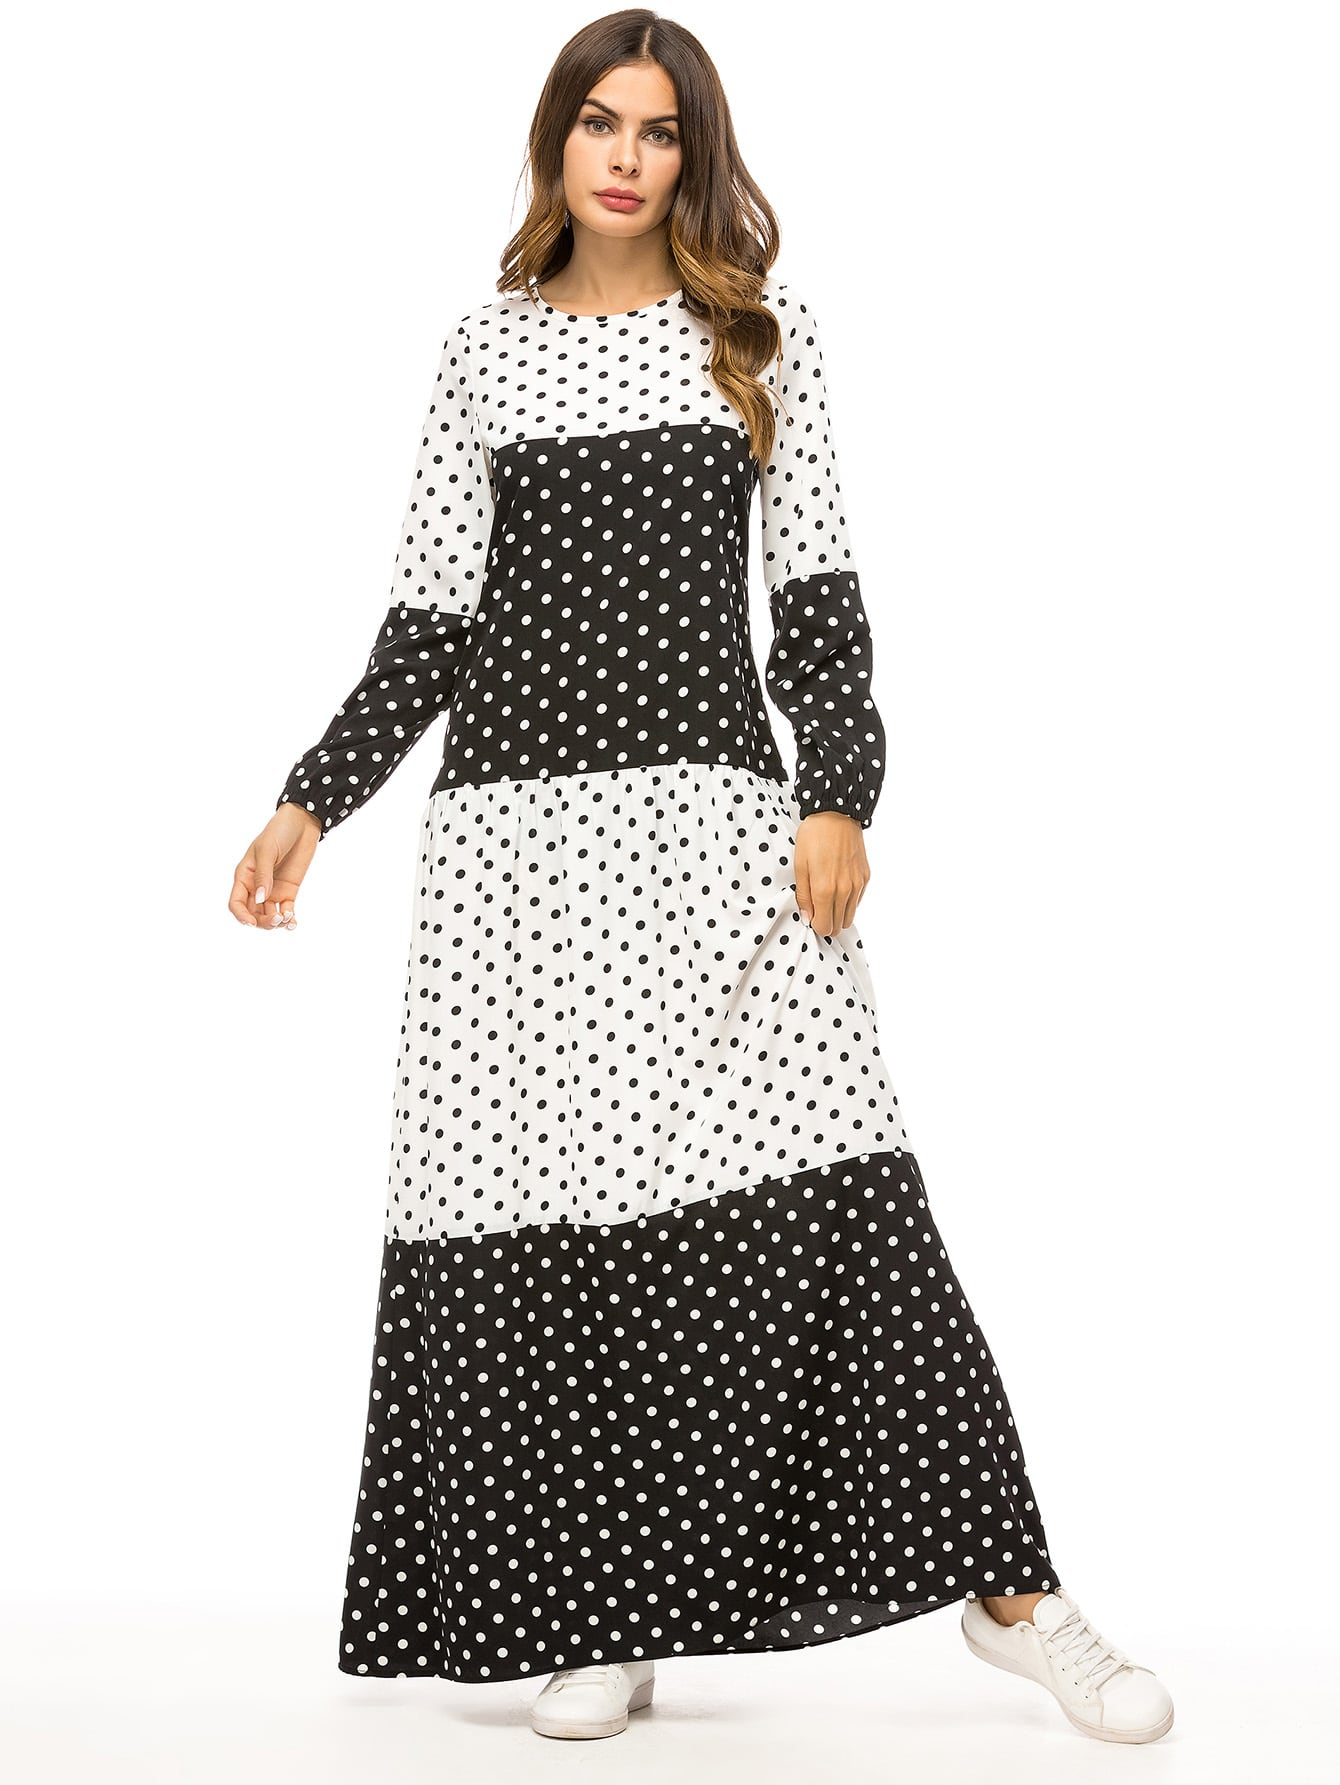 Купить Длинное платье в горошек с оригинальным рукавах, null, SheIn